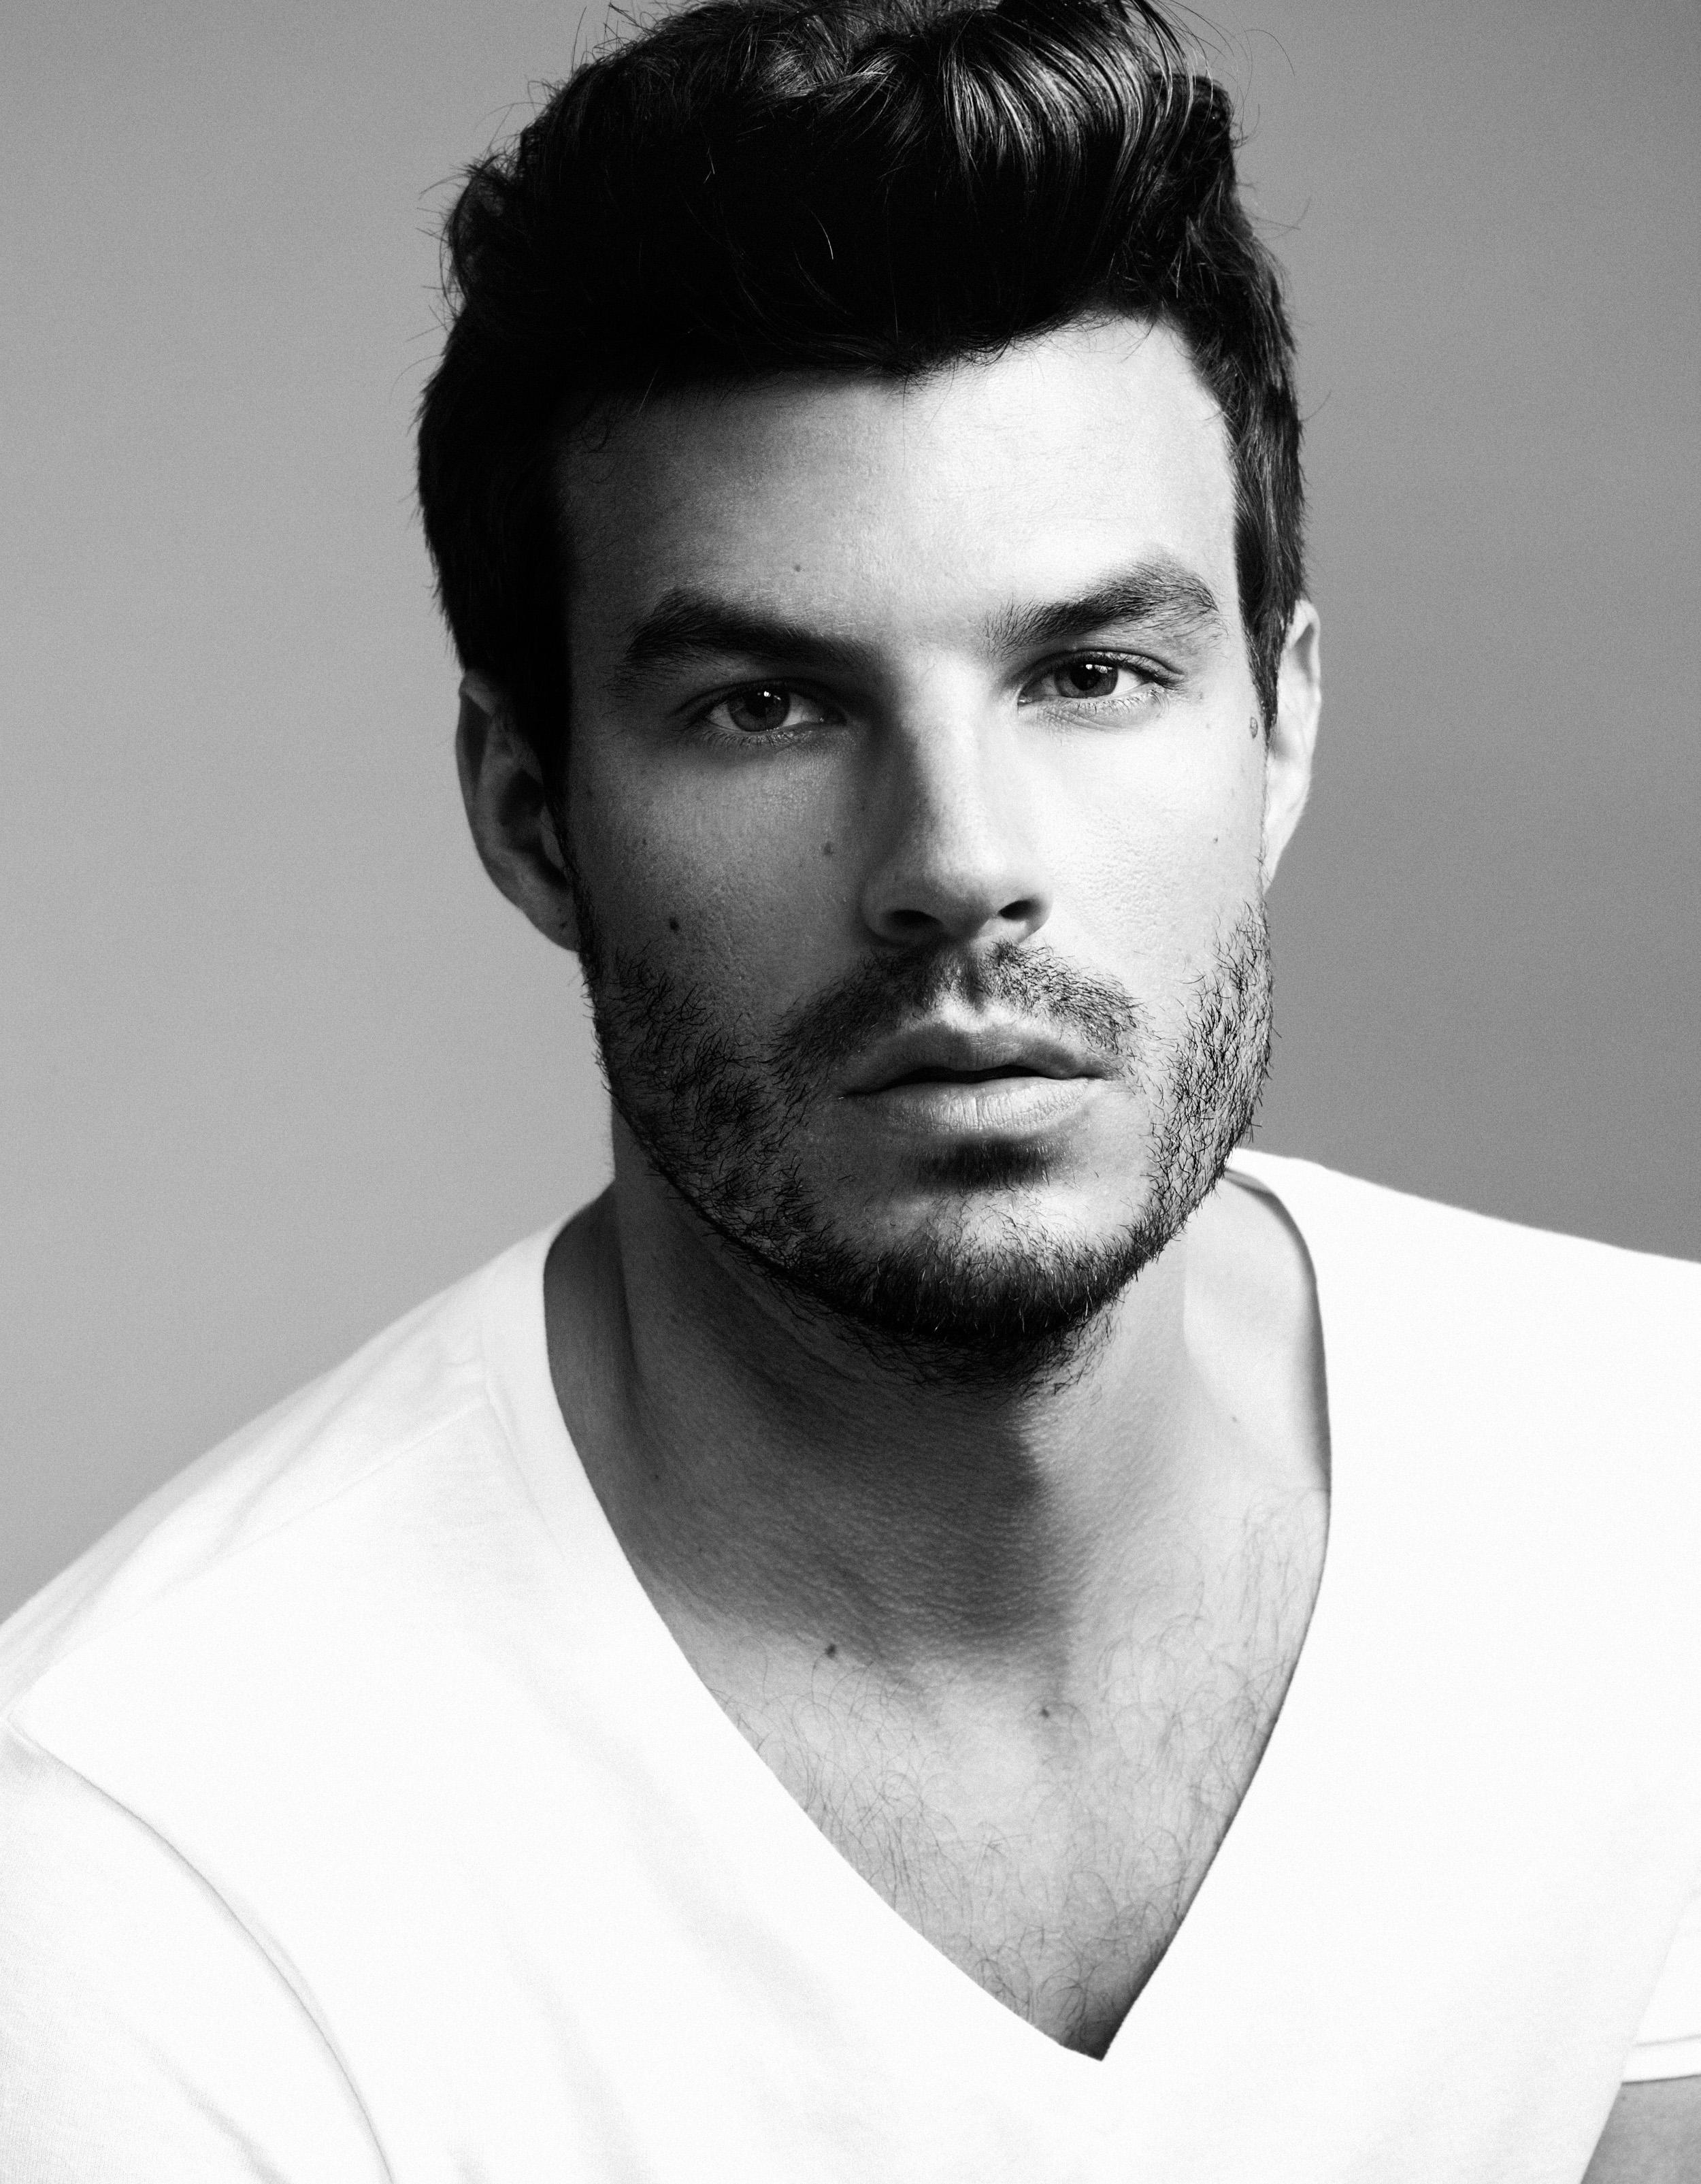 Alex_Gasperetti_-la_models-9